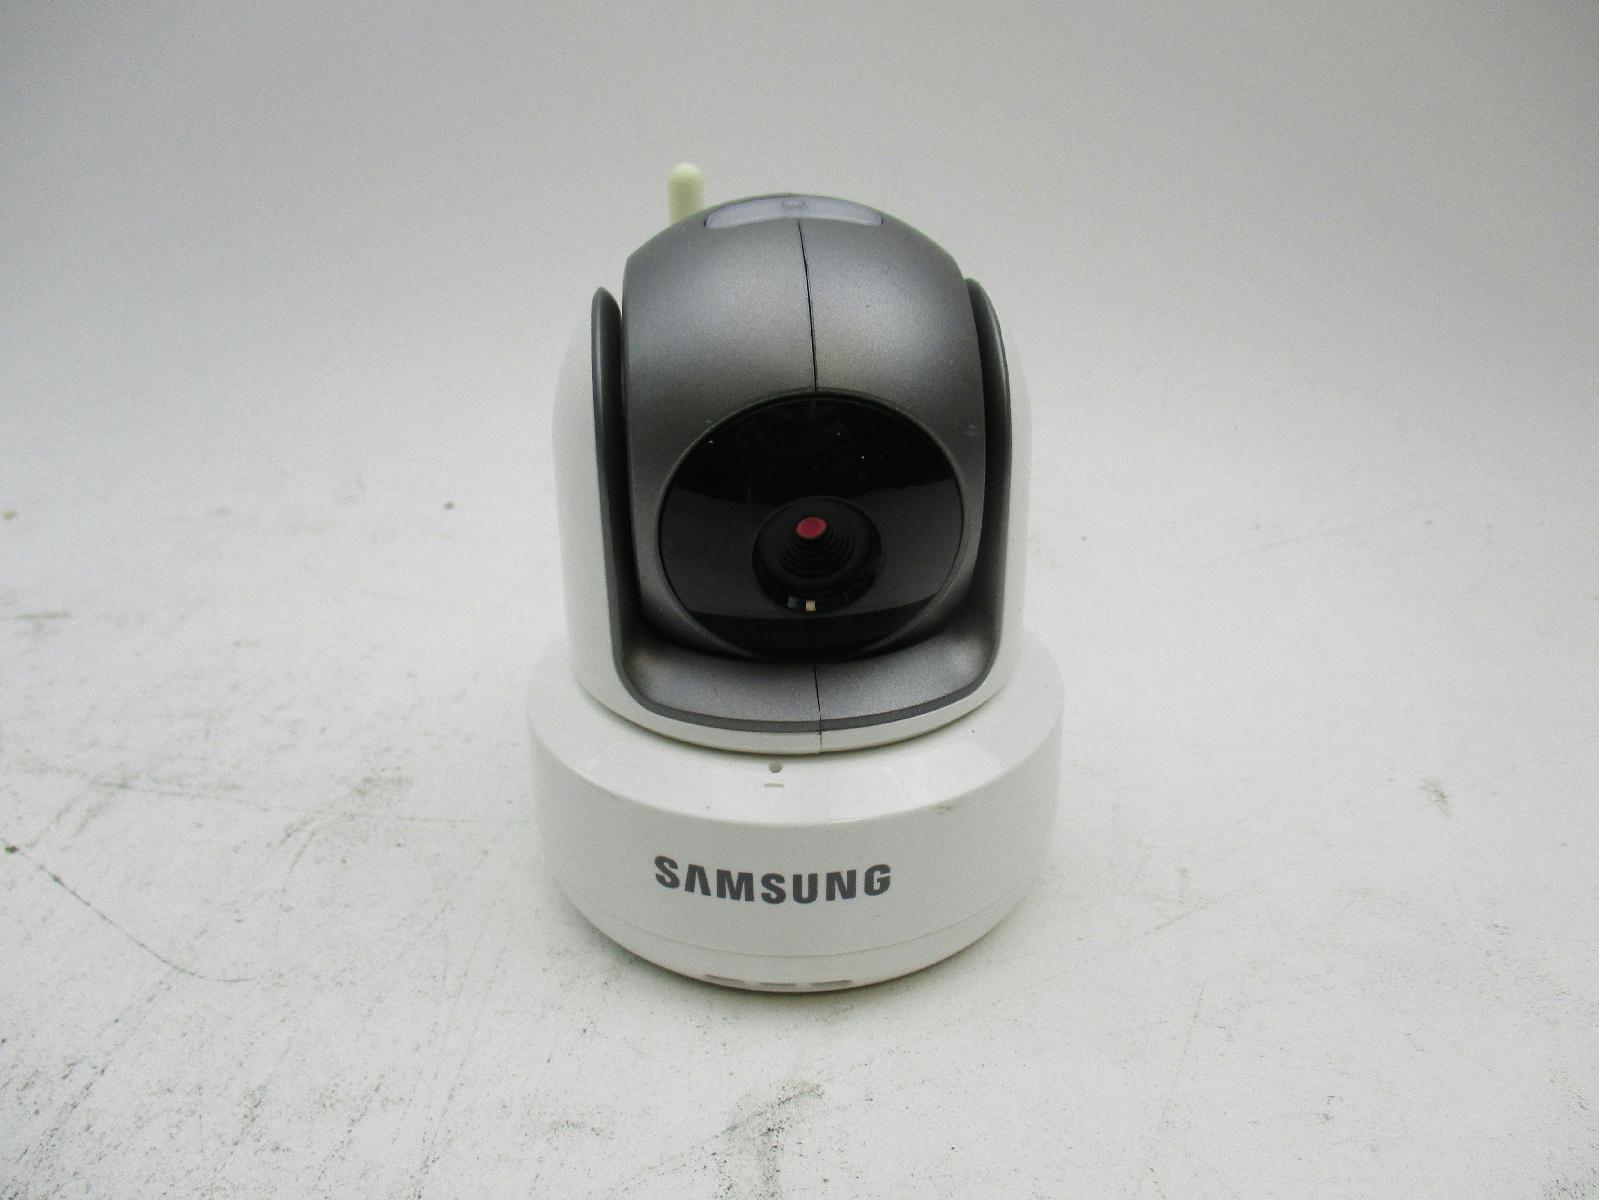 samsung baby monitor sep-1003rwn manual